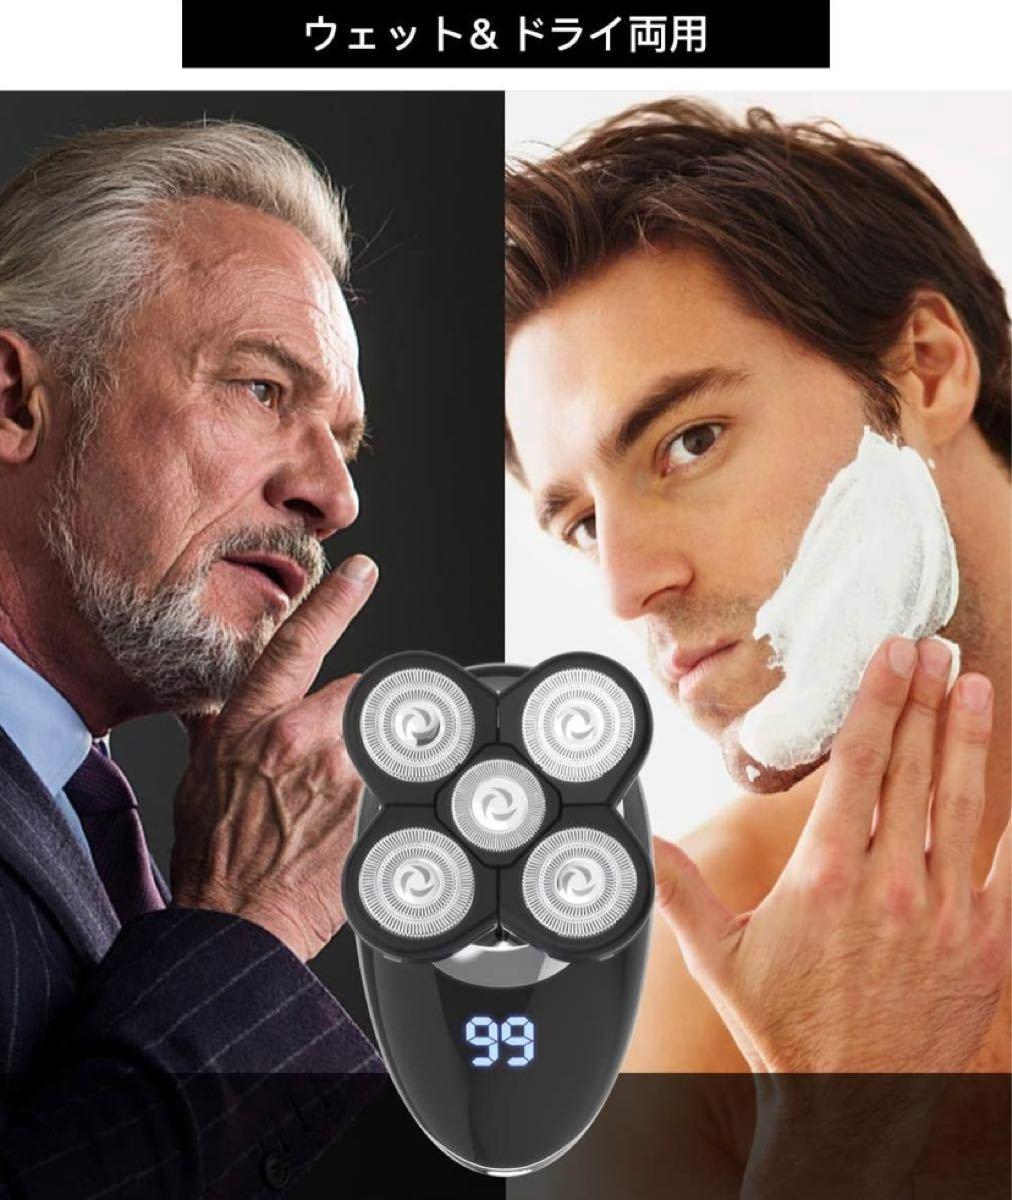 電気シェーバー ひげそり 髭剃り水洗い乾湿両用 IPX7防水 お風呂剃り可 USB充電式